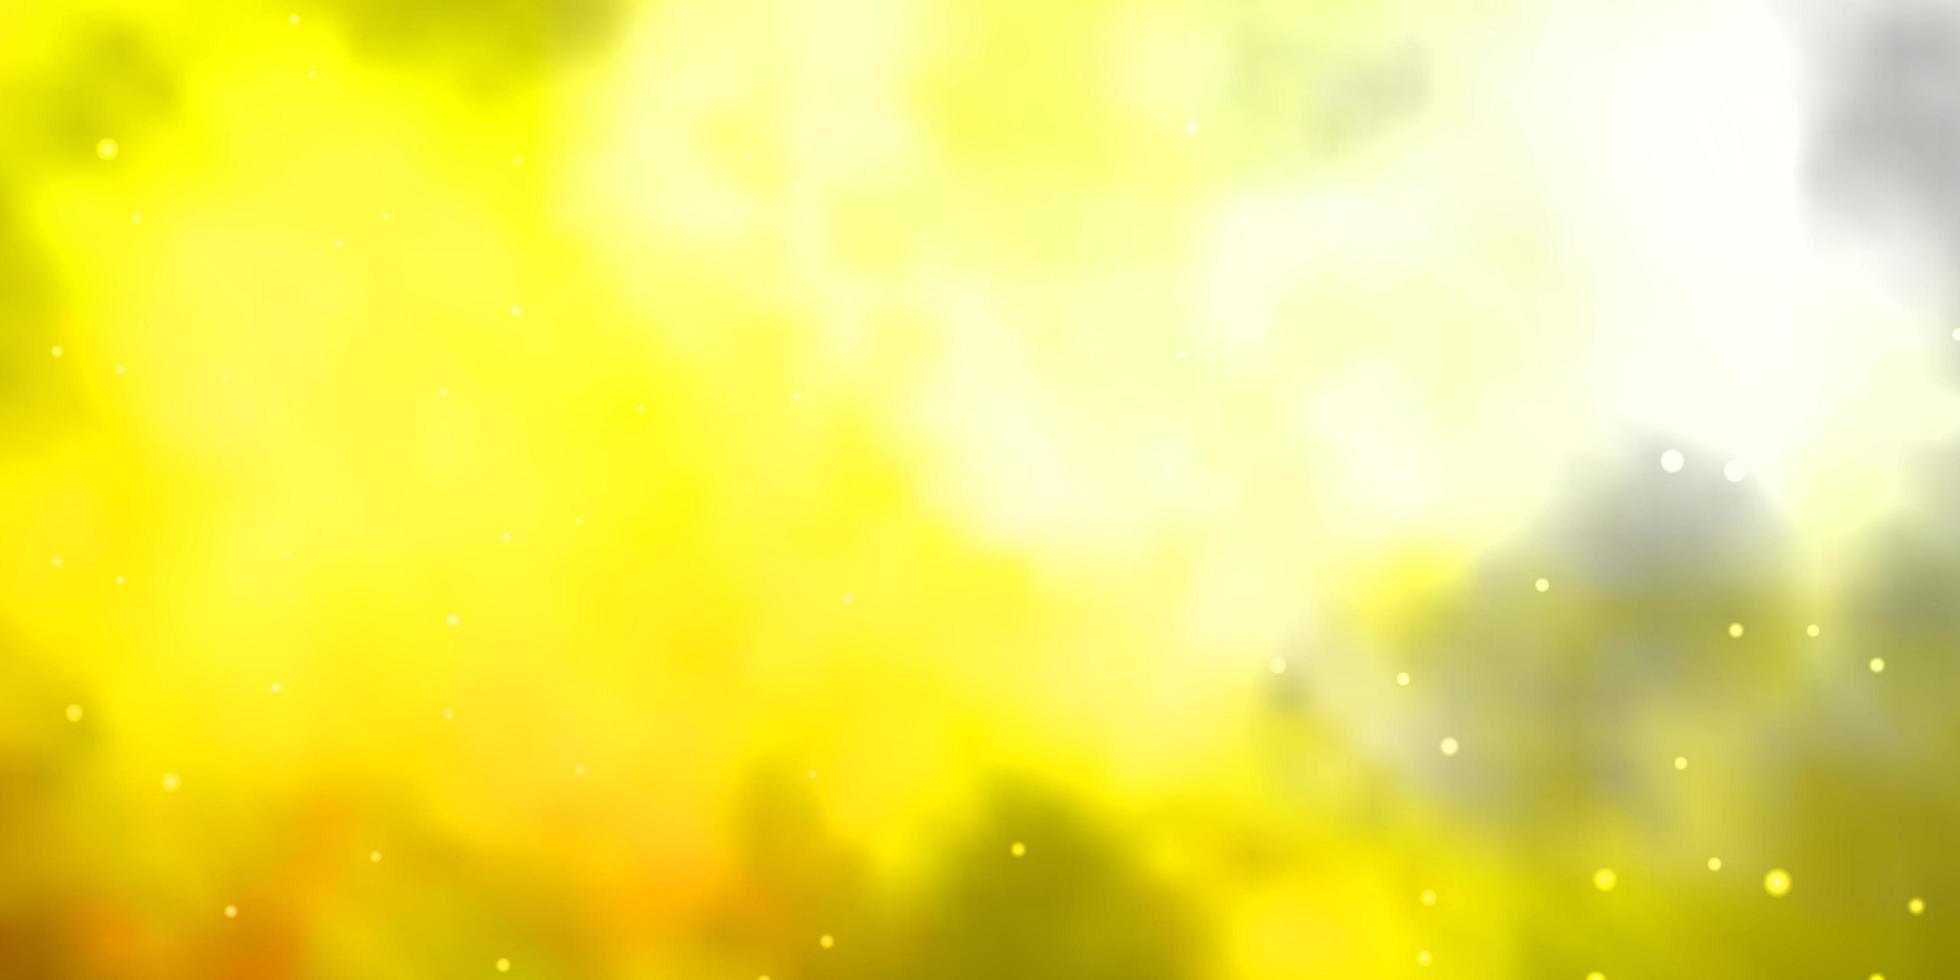 disposition de vecteur rouge et jaune clair avec des étoiles brillantes.